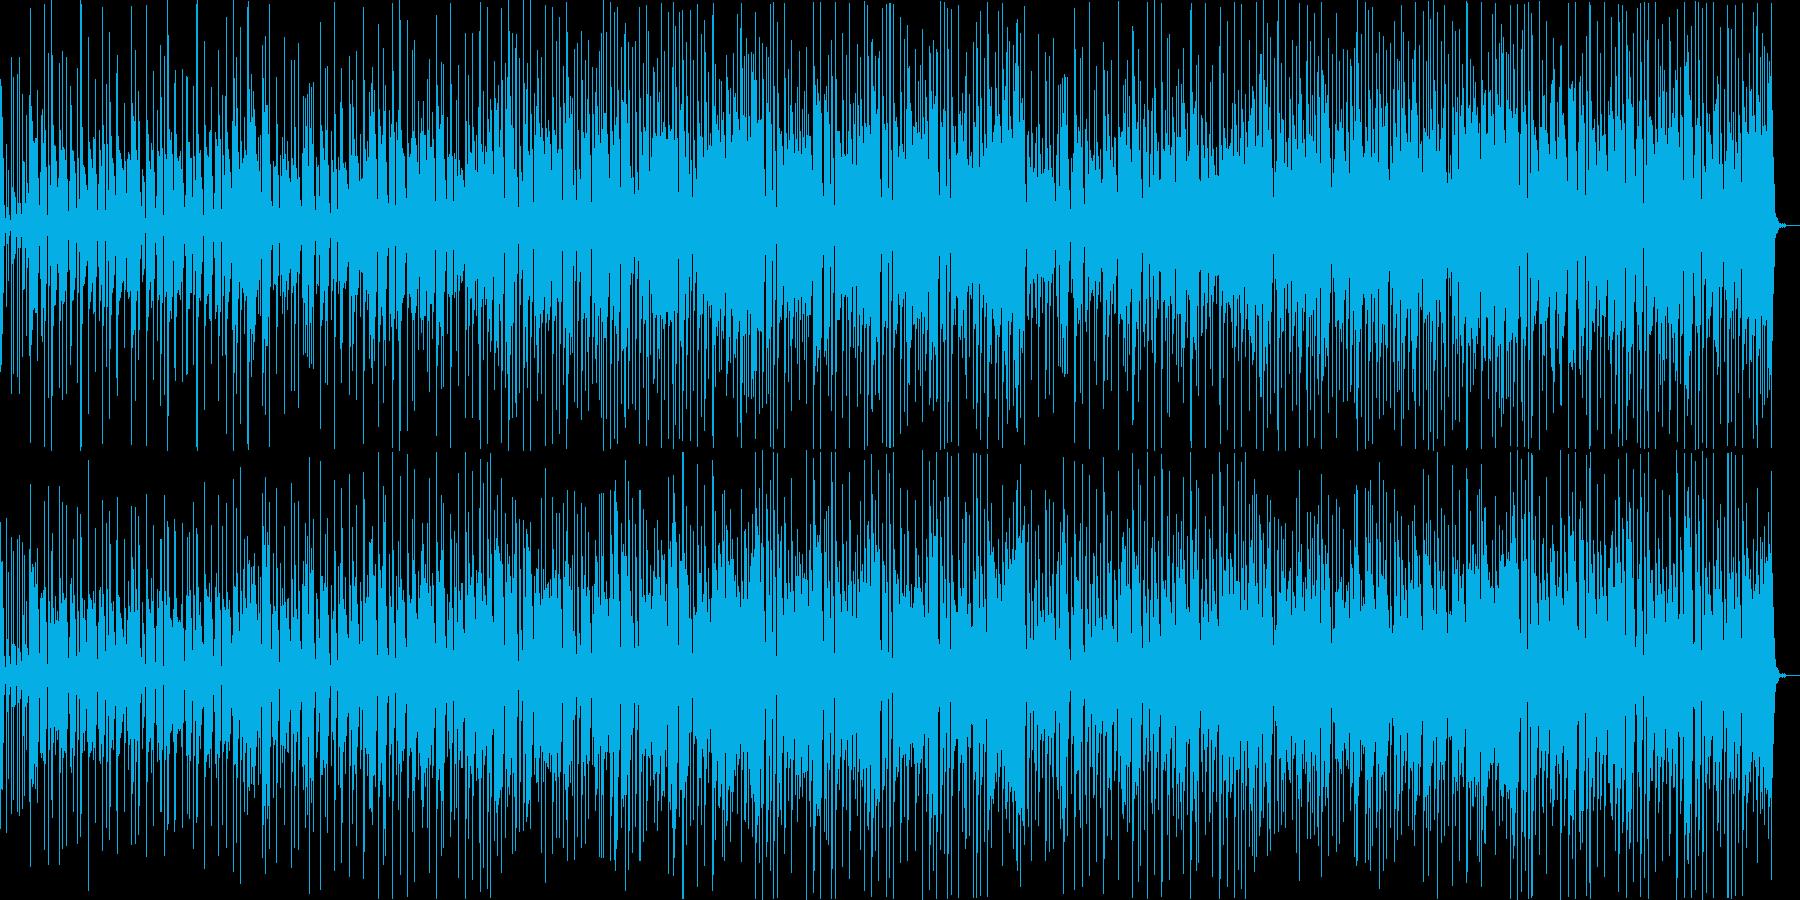 ゆったり楽観的な音楽トラックの再生済みの波形